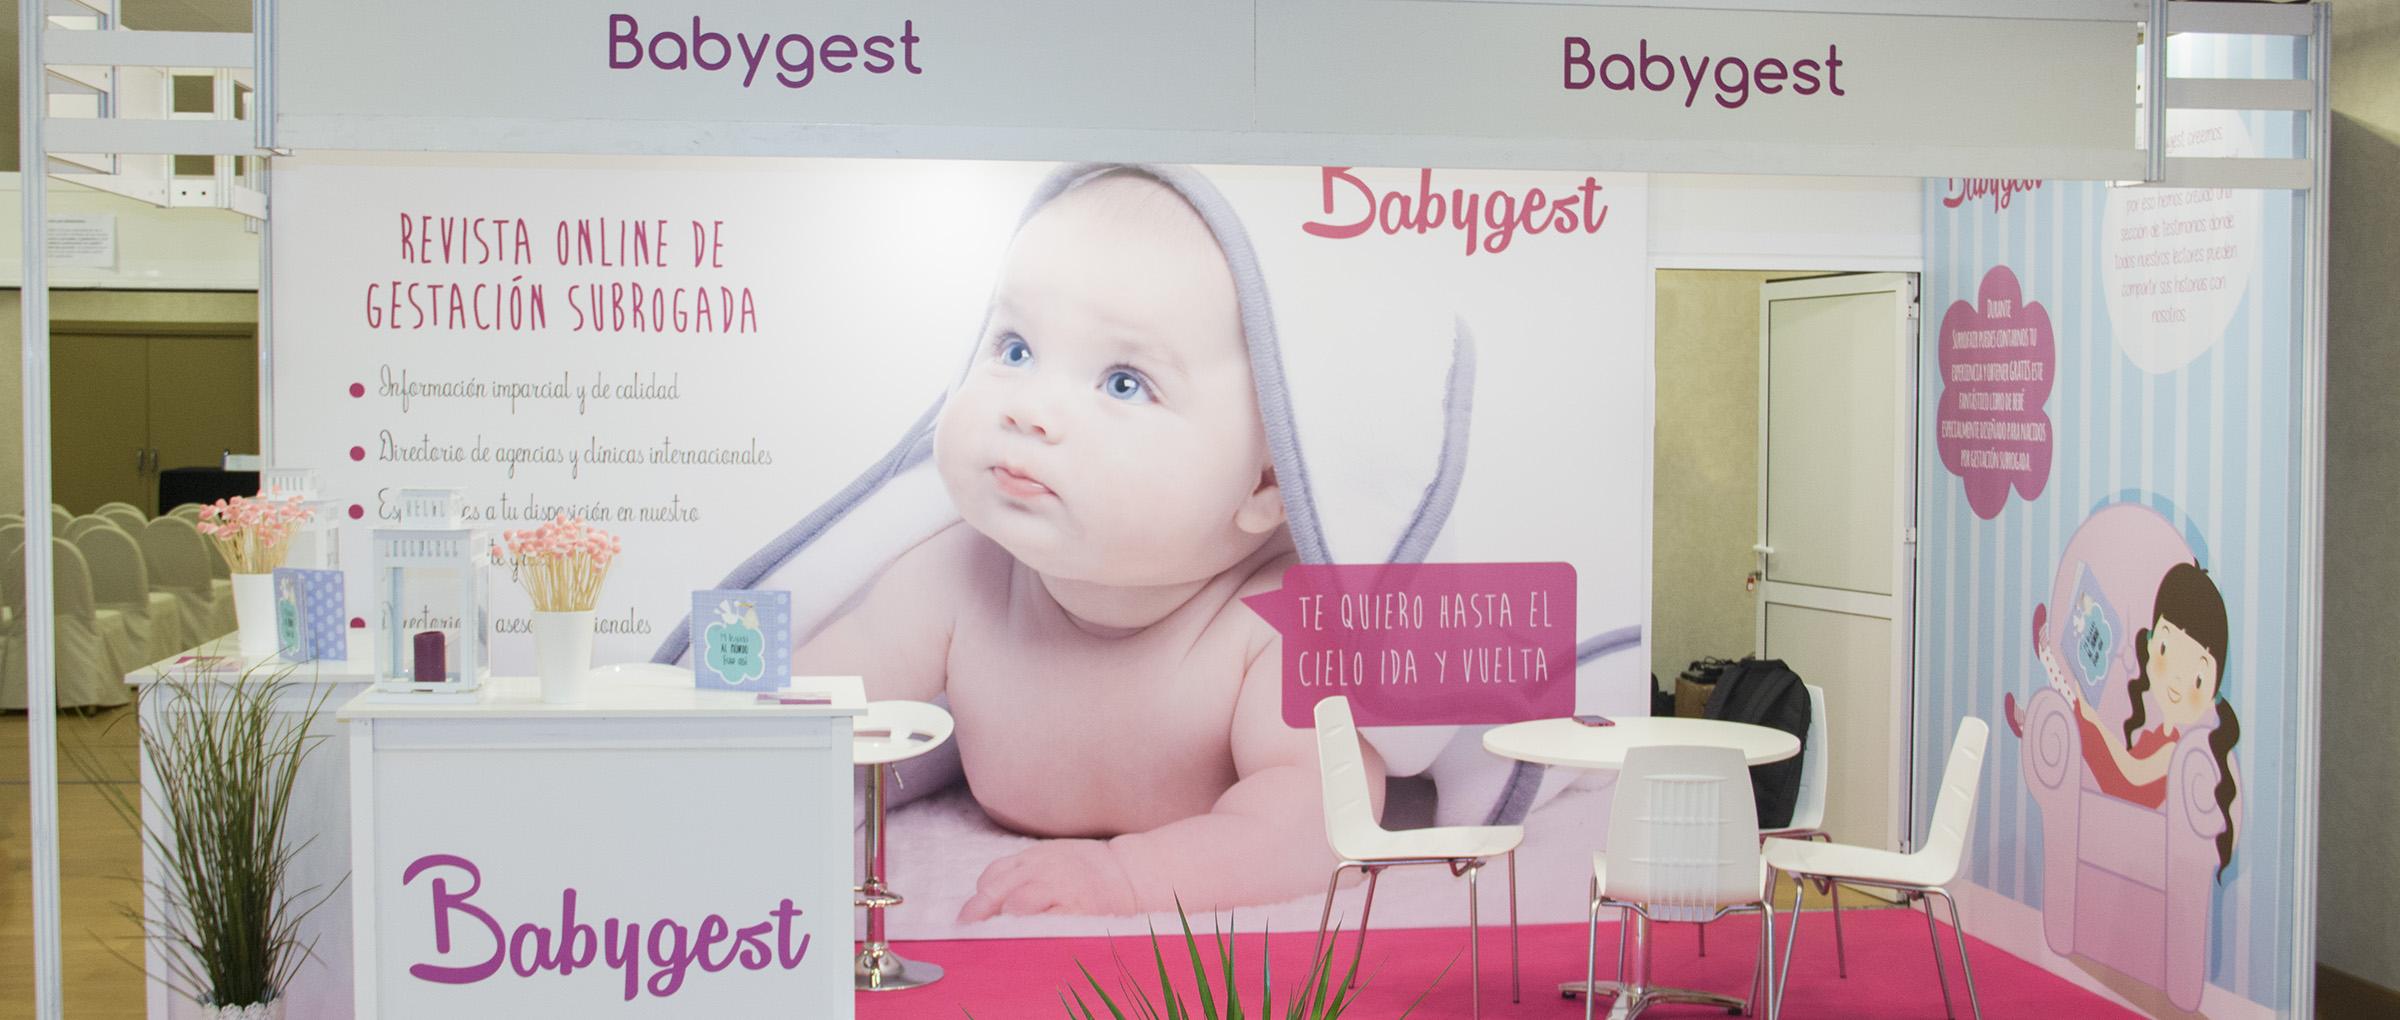 Comunicado de Babygest sobre la actividad de gestación subrogada